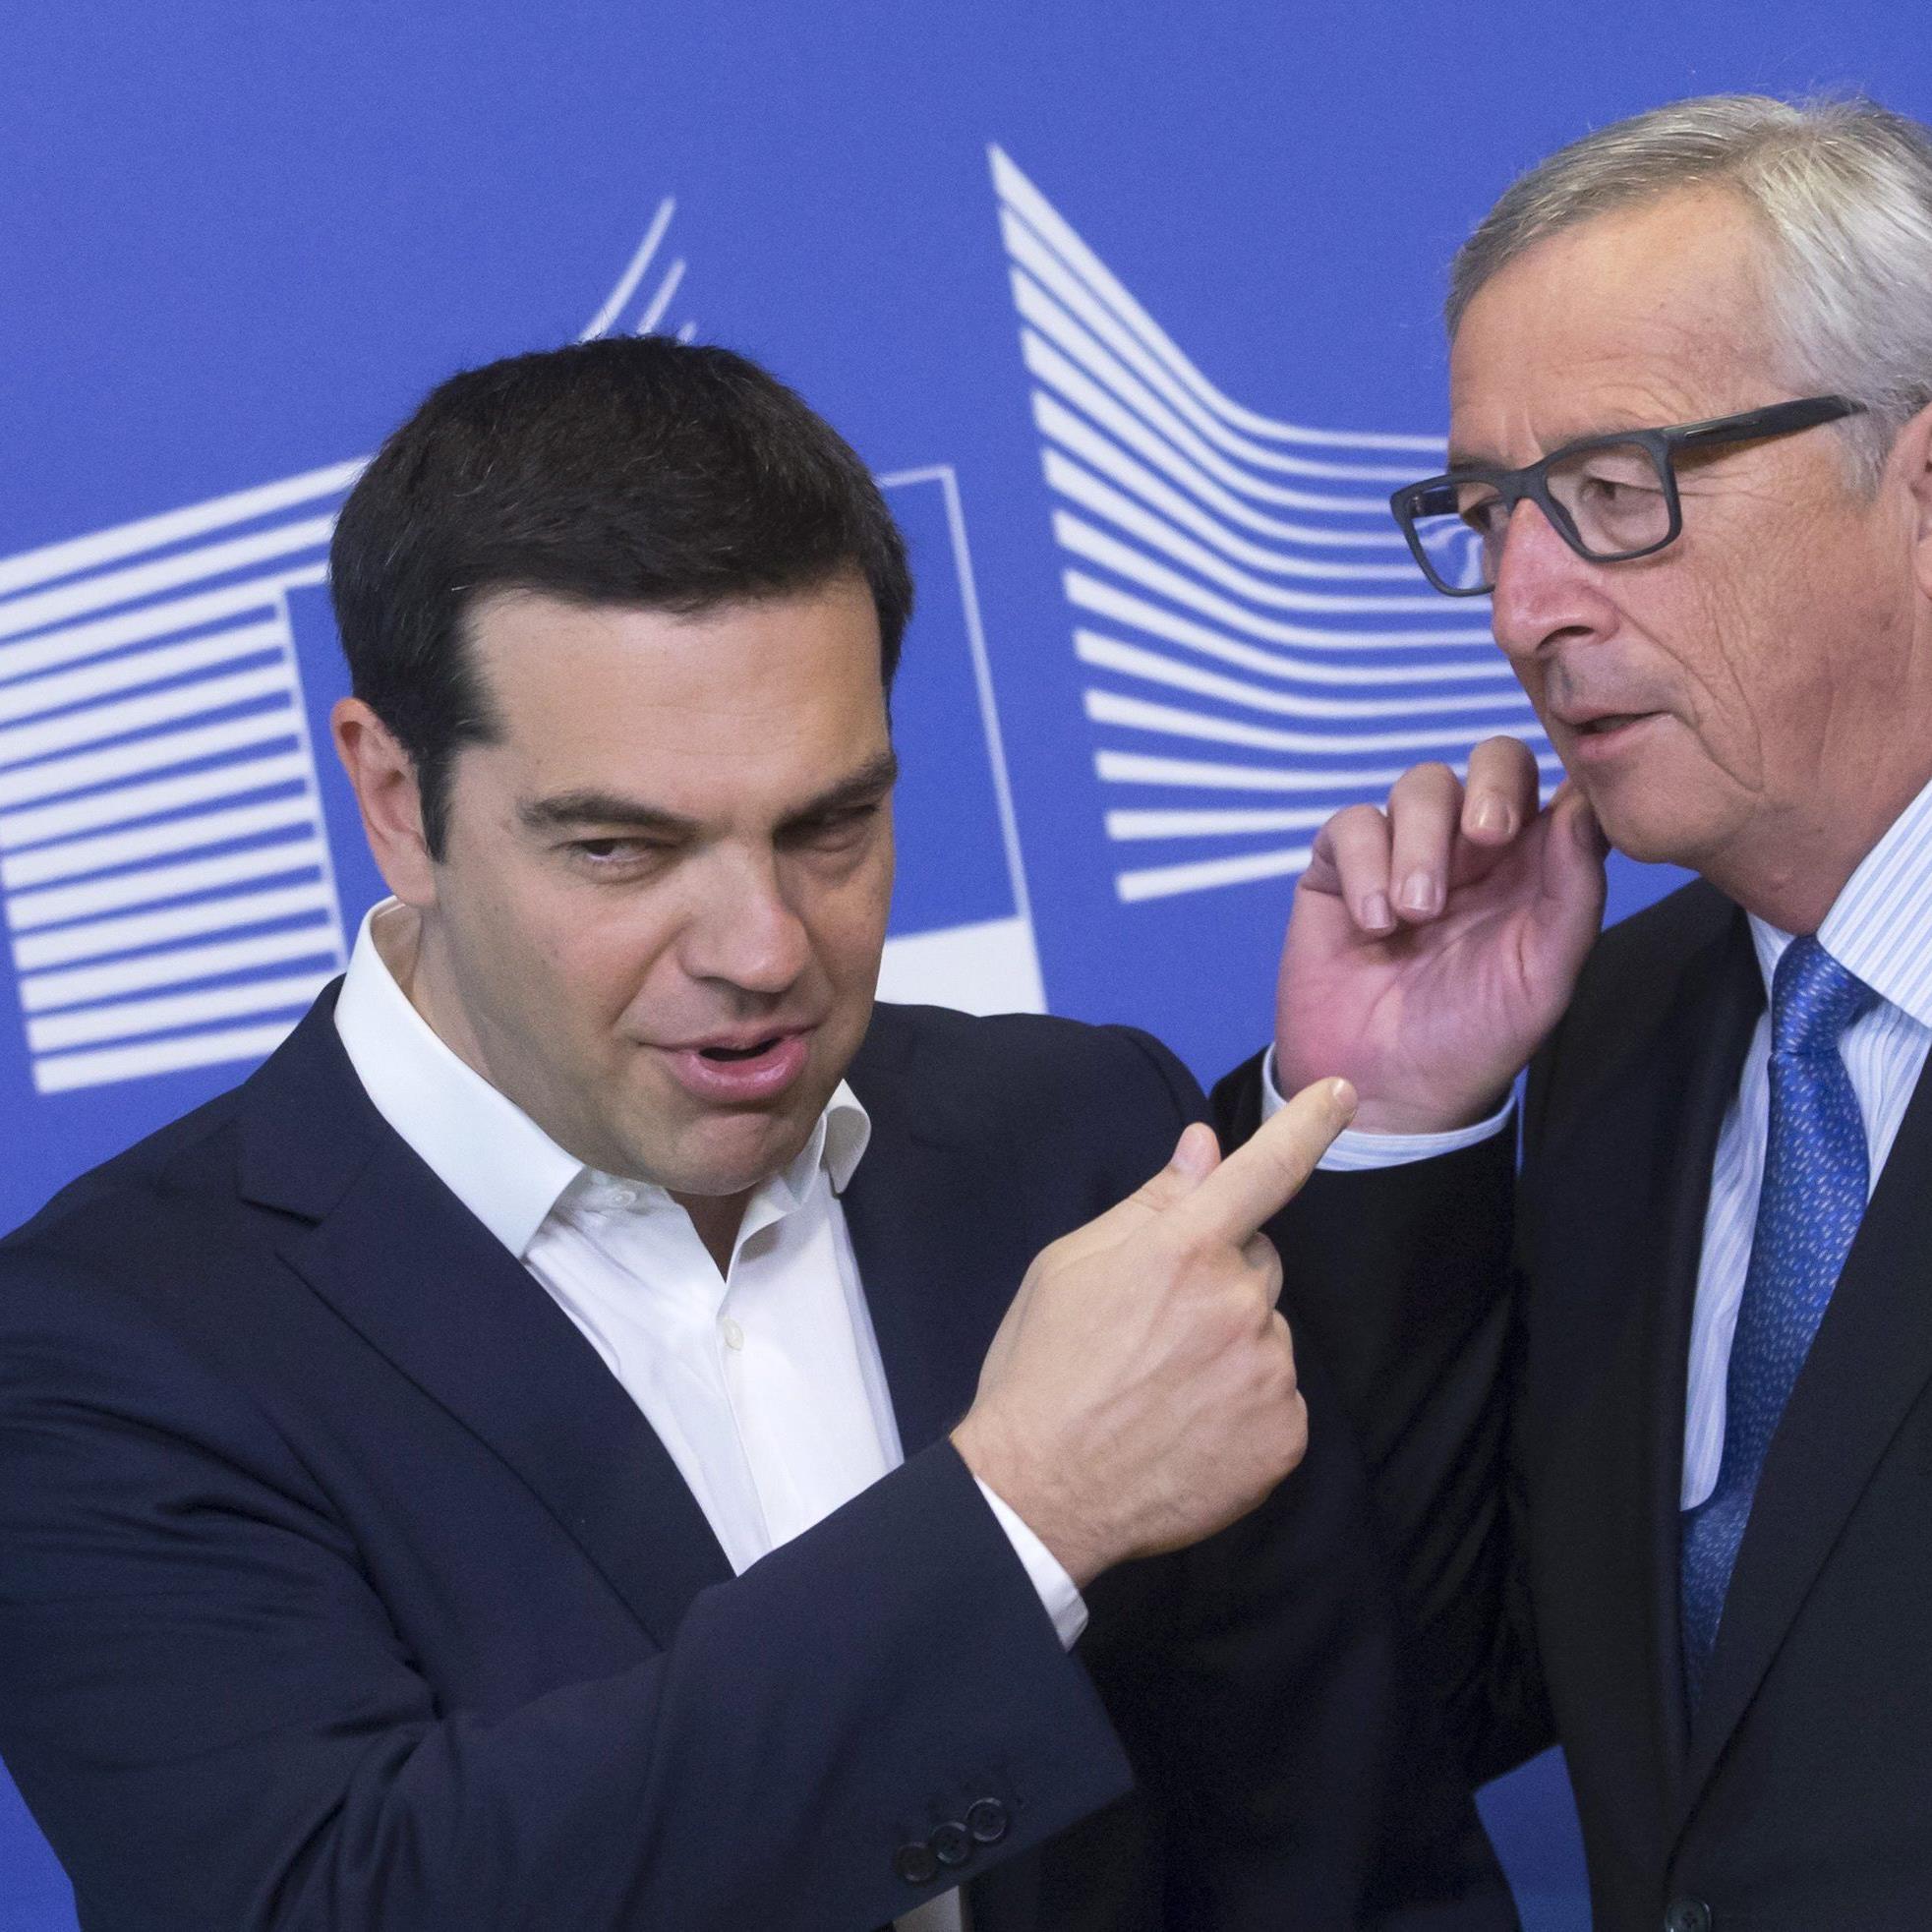 Tsipras: Einige akzeptieren unsere Vorschläge nicht.